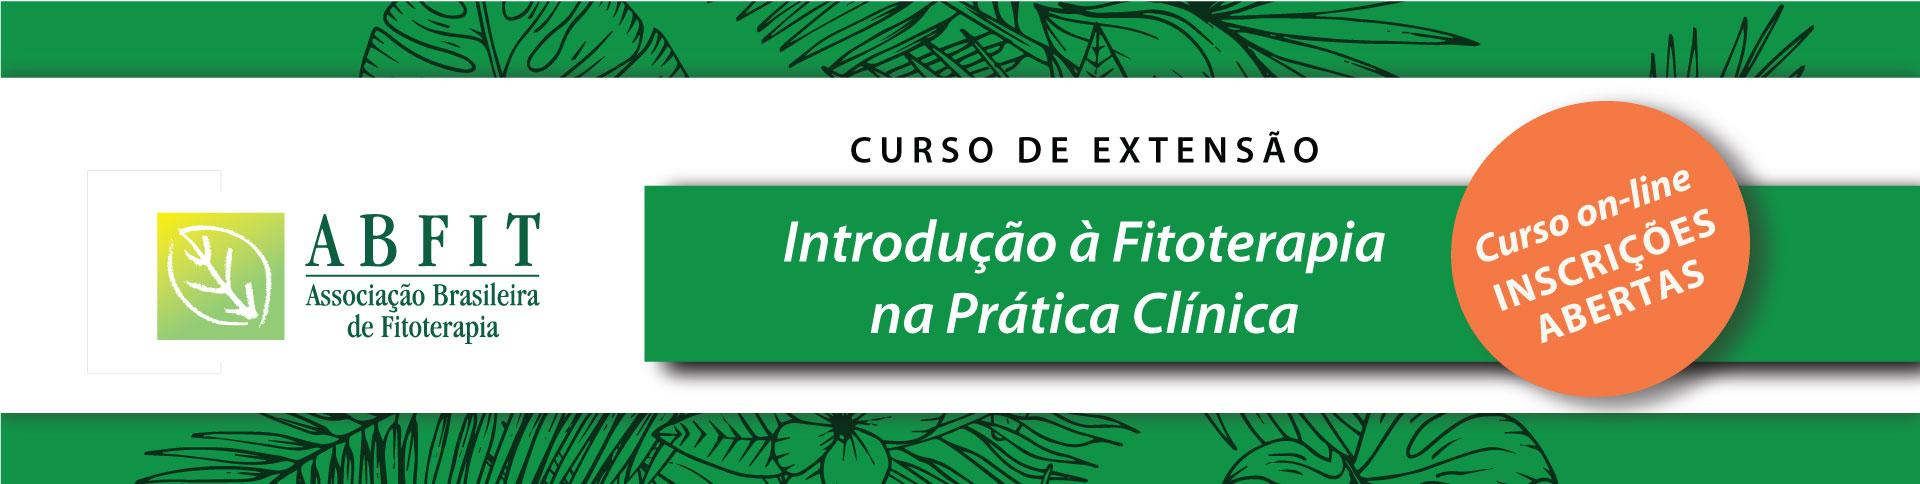 banner-curso-extensao-online-abfit-2020-200930.jpg